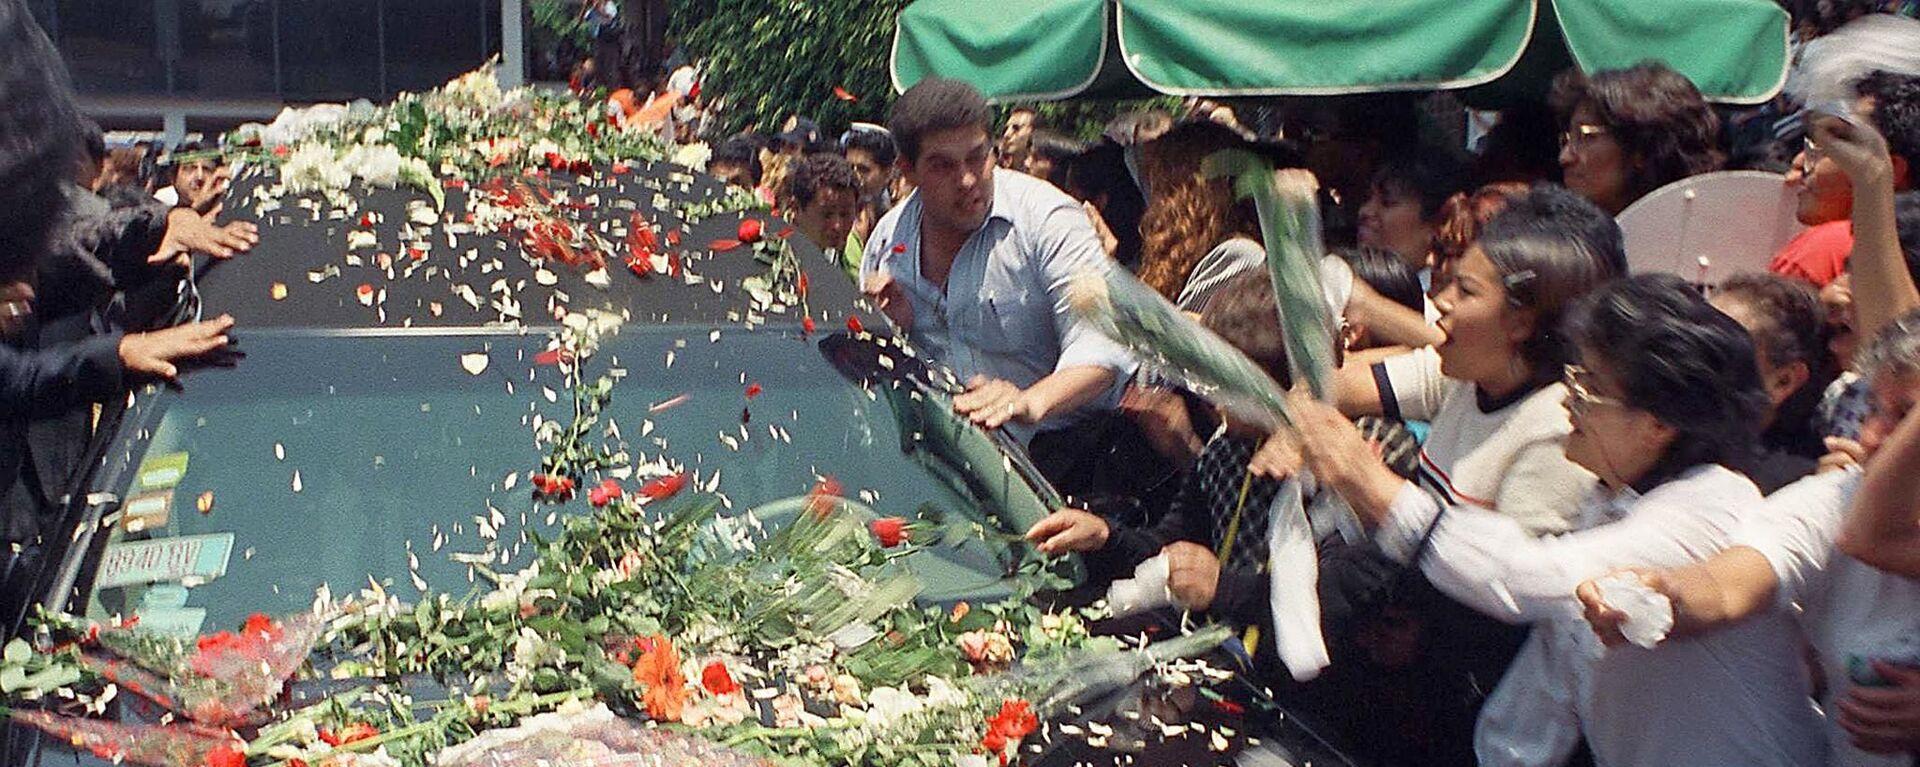 Seguidores de Francisco Paco Stanley arrojan flores en su carro fúnebre durante su funeral, el 8 de junio de 1999 en Ciudad de México - Sputnik Mundo, 1920, 06.06.2019